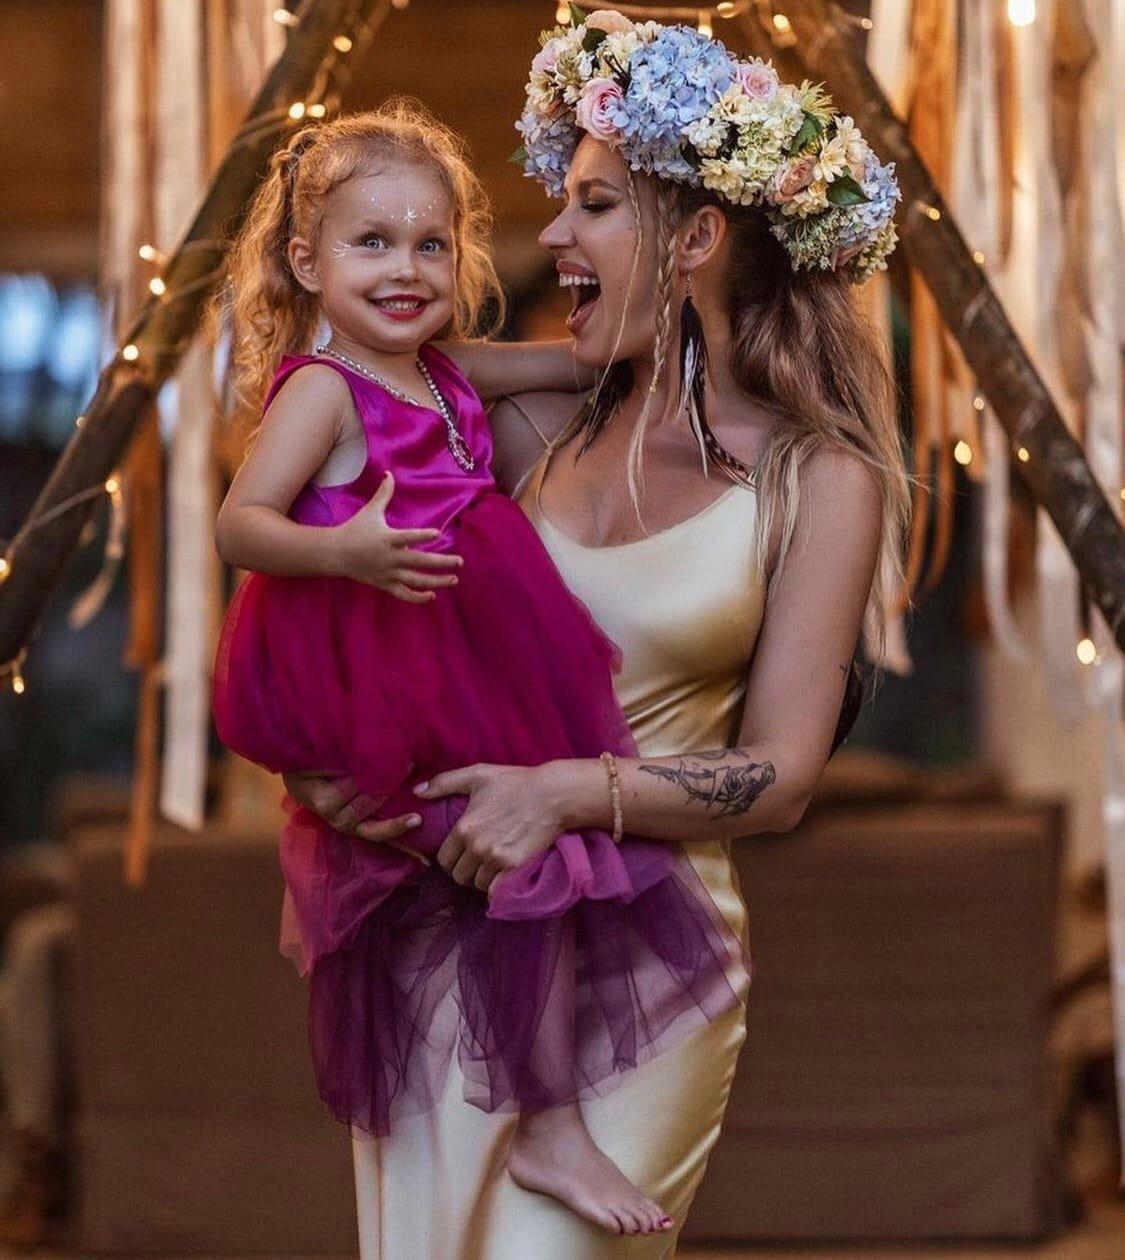 Рита Дакота рассказала, как её дочь называет Федора Белогая